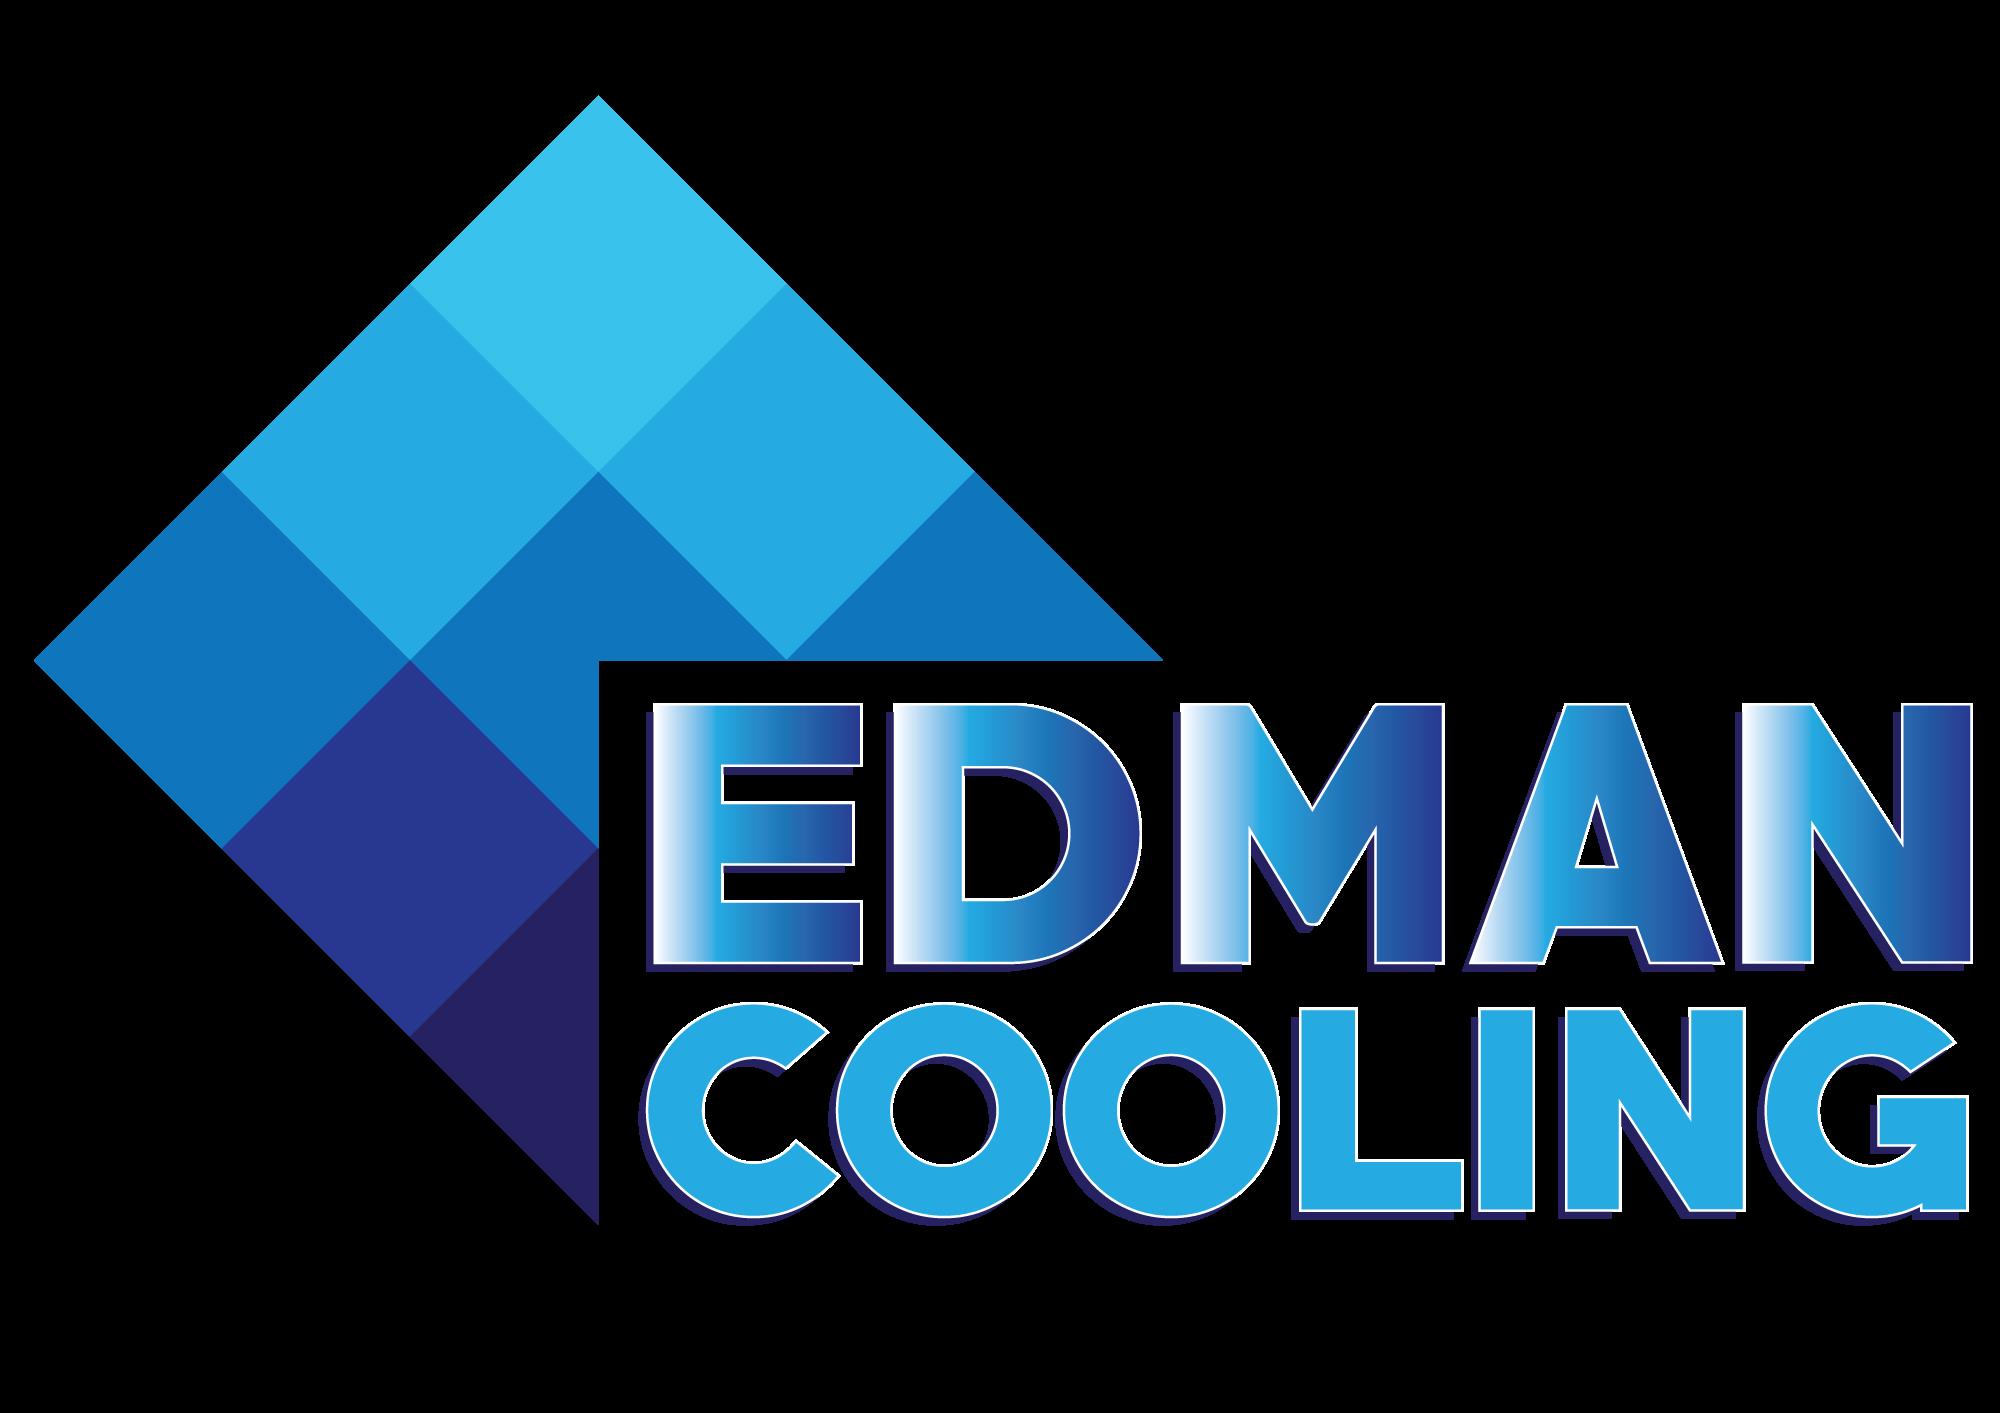 Edman Cooling